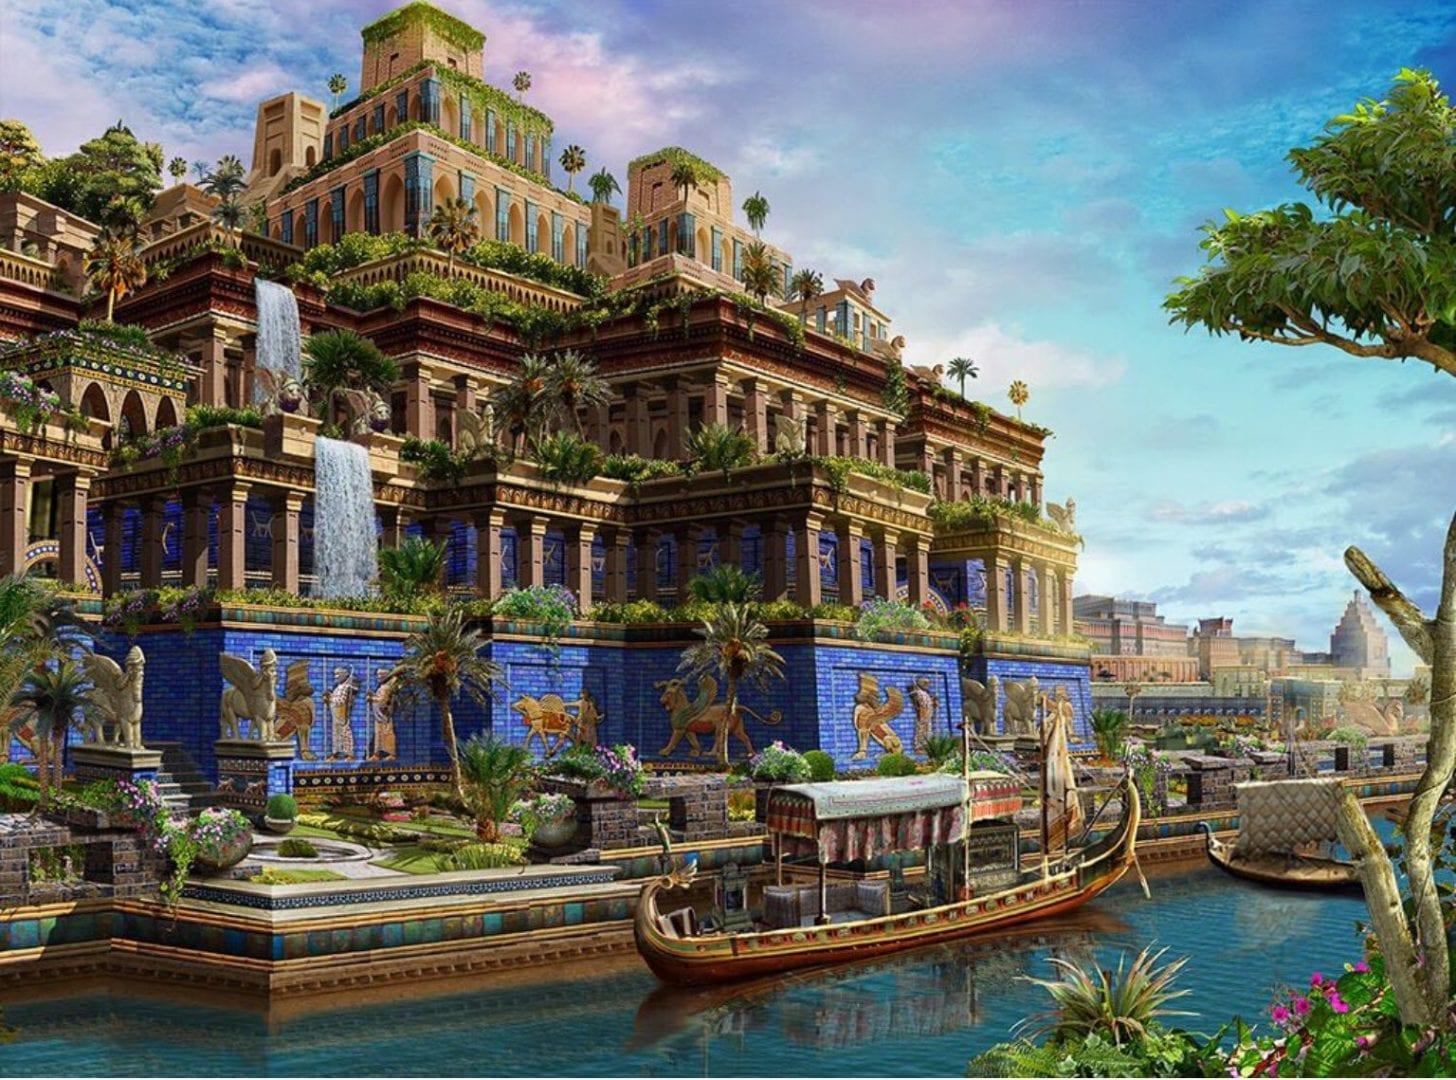 Jardins suspensos da Babilônia - o que foram e porque foram criados